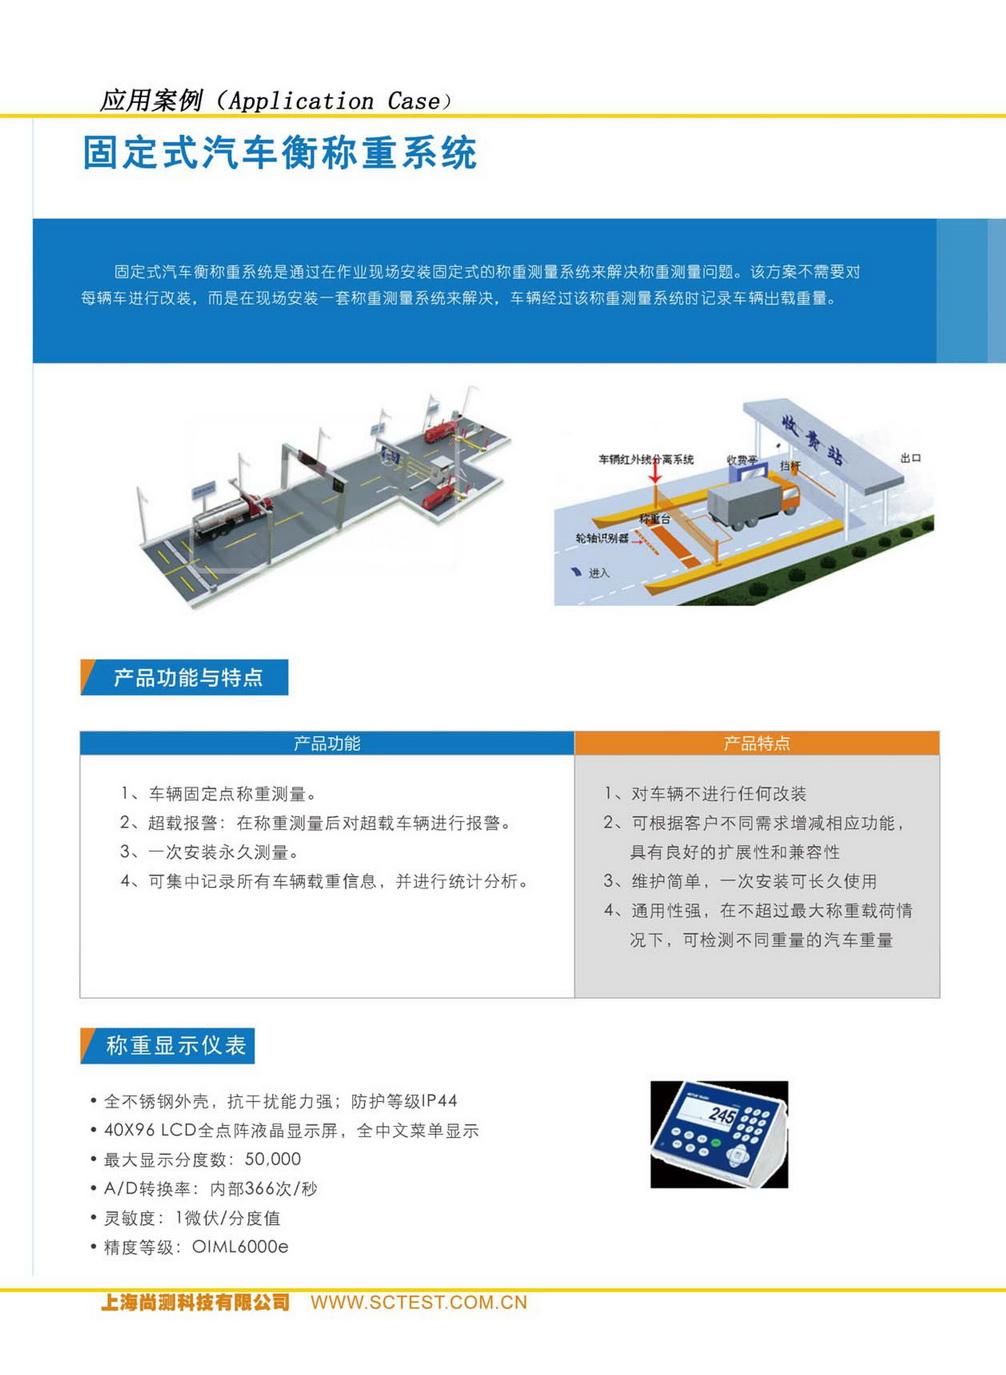 尚测科技产品选型手册 V1.3_页面_91_调整大小.jpg